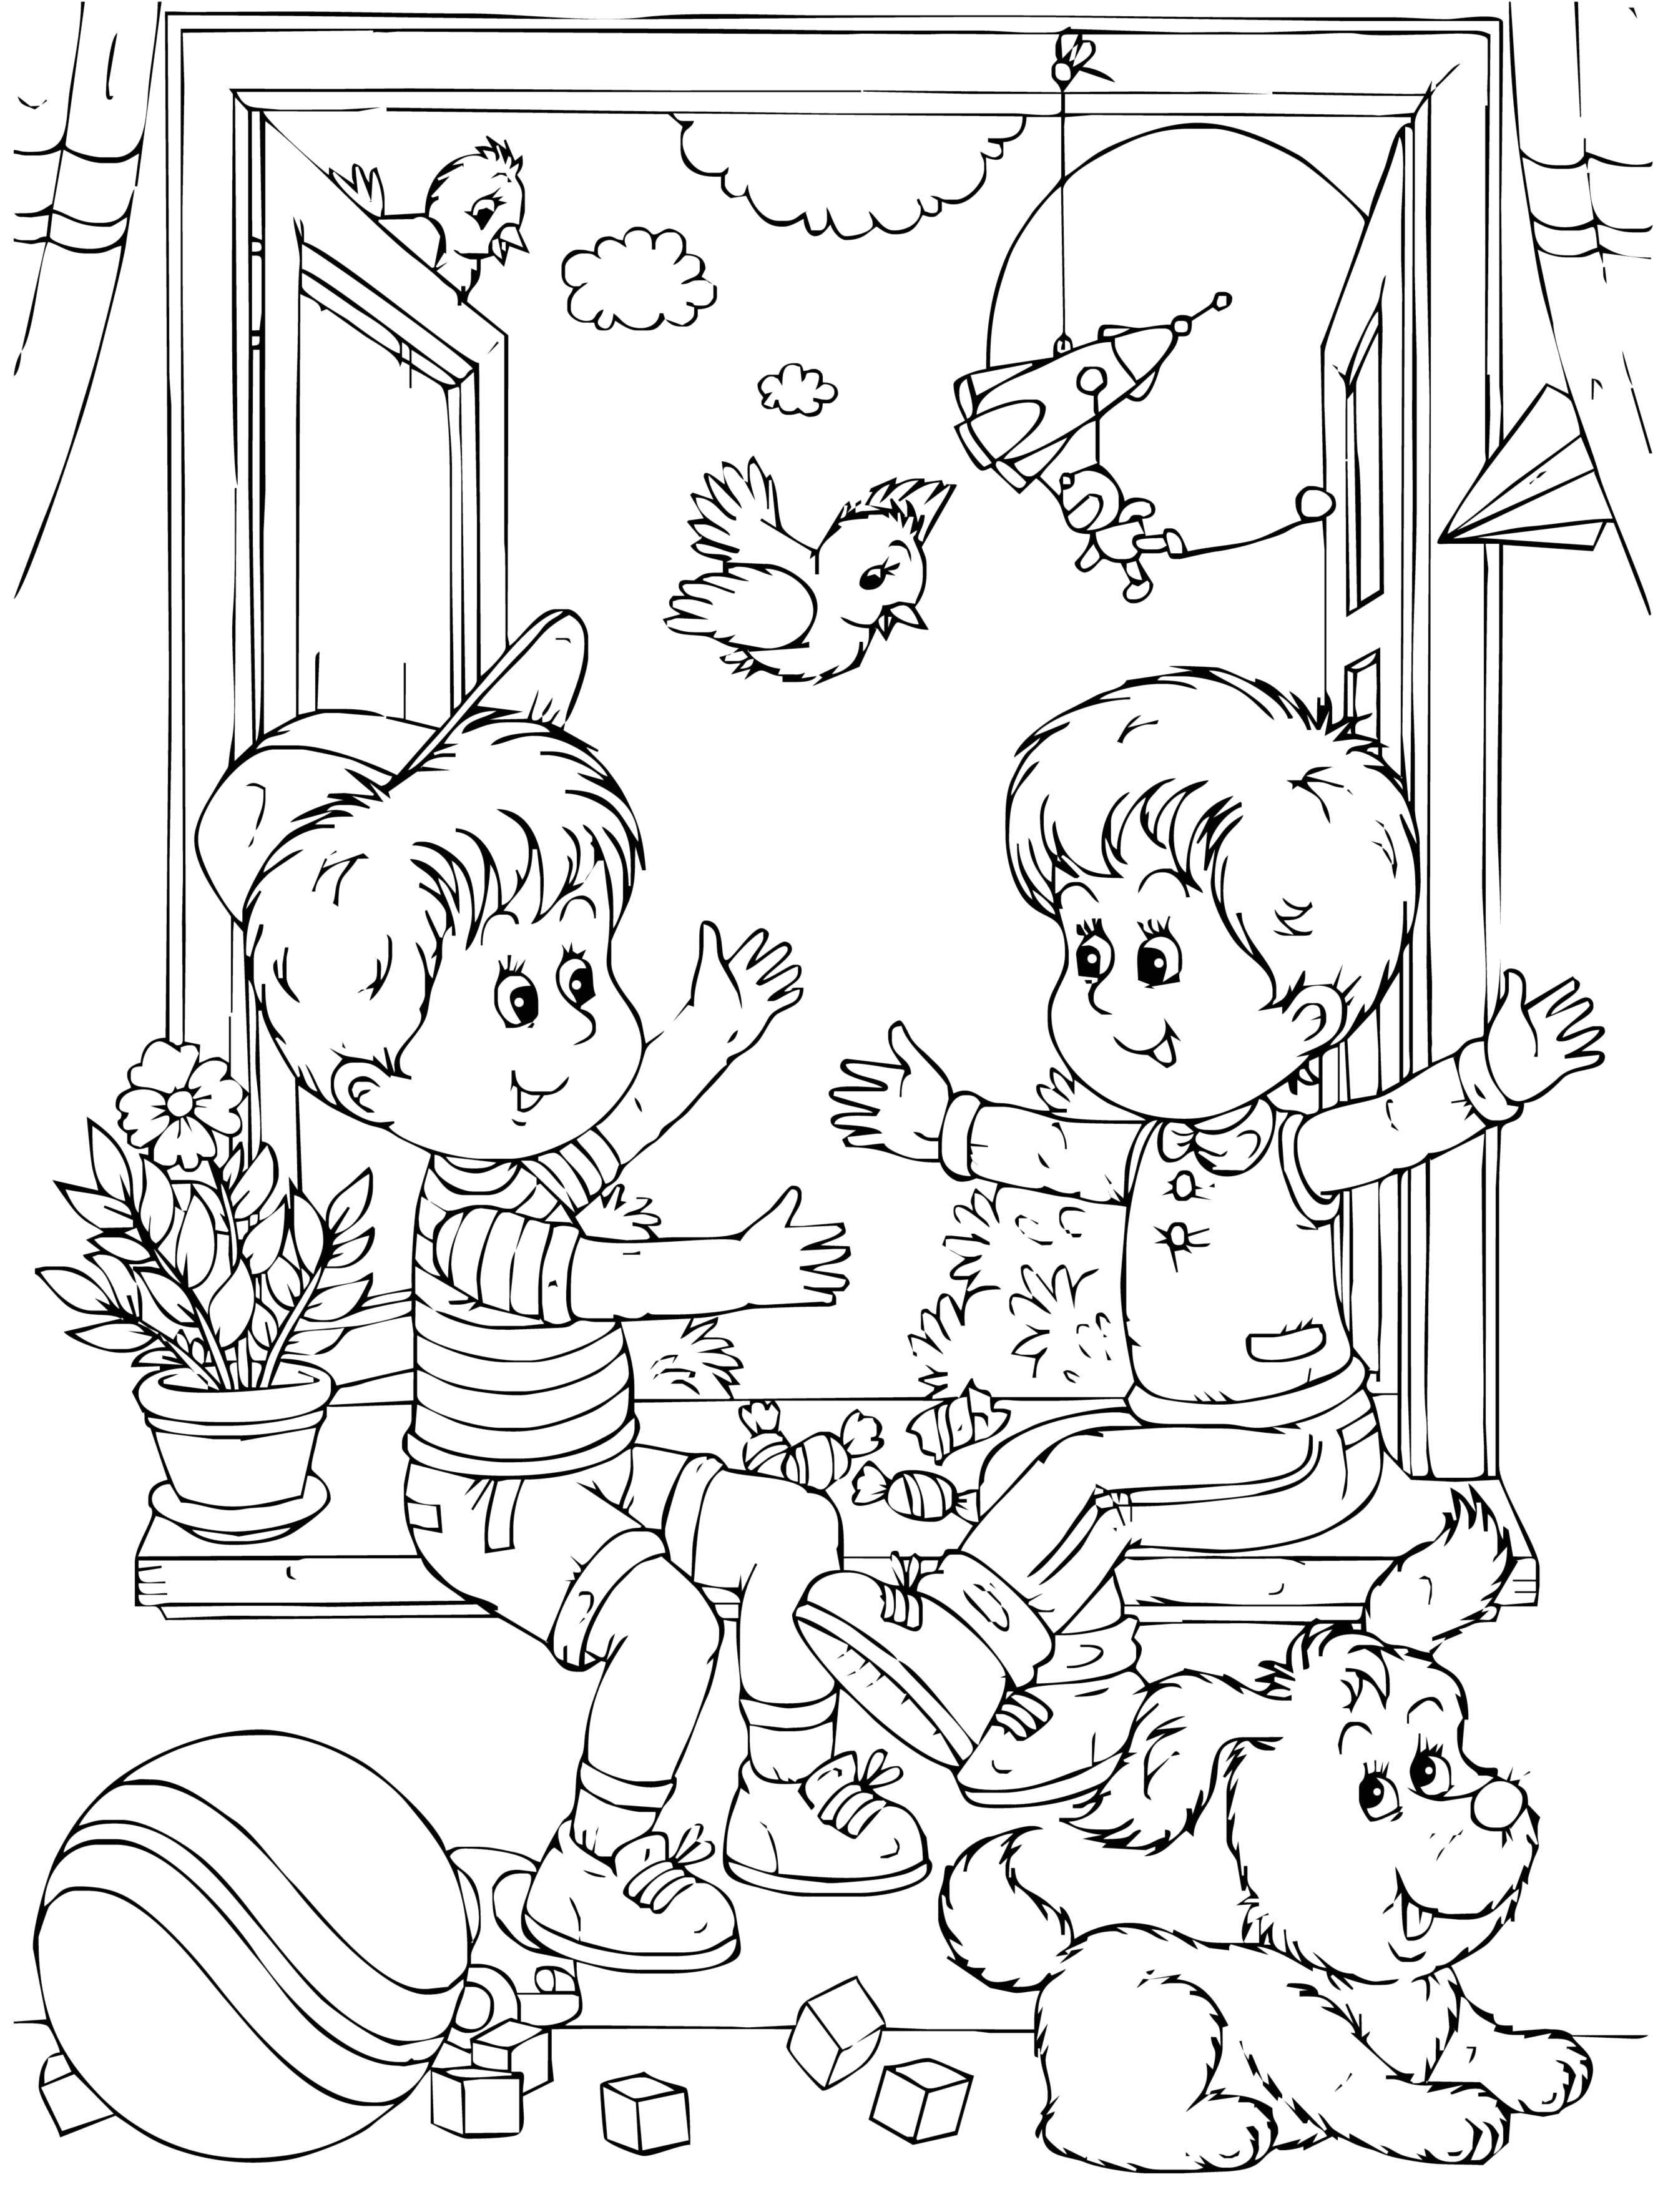 Раскраски Дружба Раскраски Дружба, раскраски для подростков про дружбу